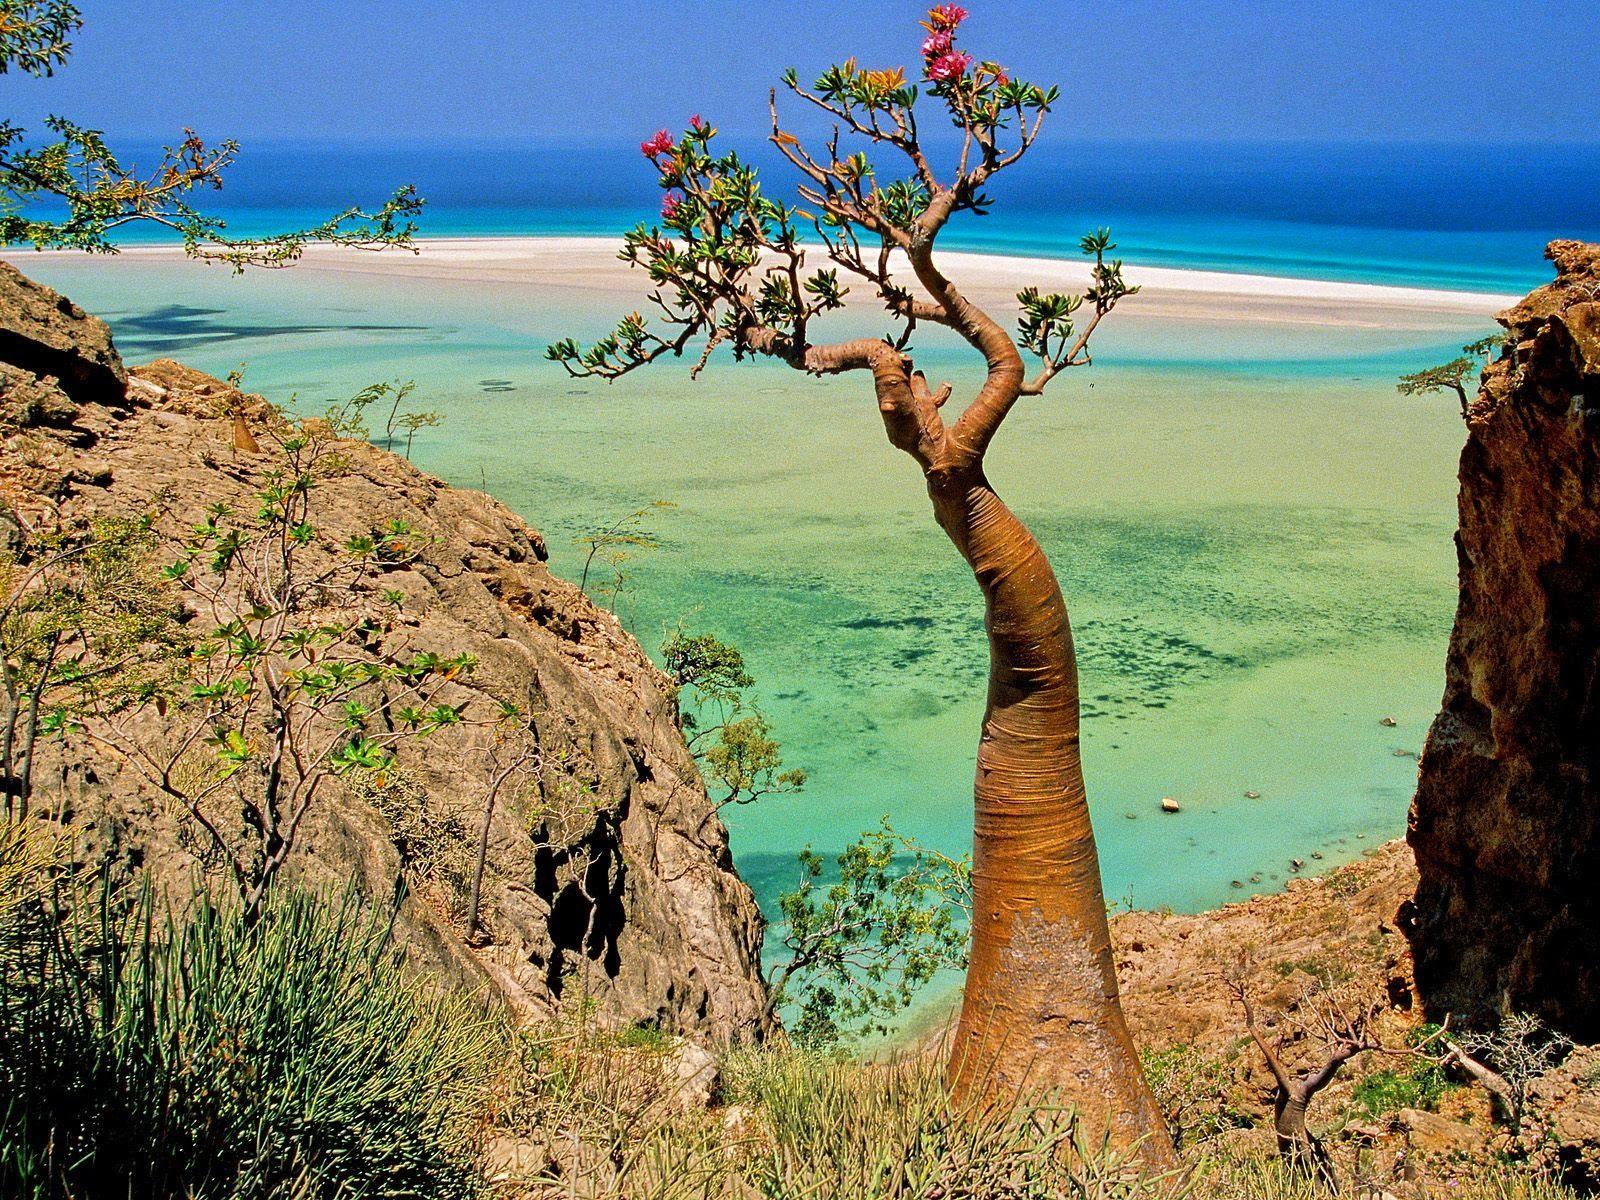 socotra+island+pulau+dajjal billyinfo1 Keanehan Pulau Socotra di Yemen, pulau Dimana DAJJAL Dirantai?